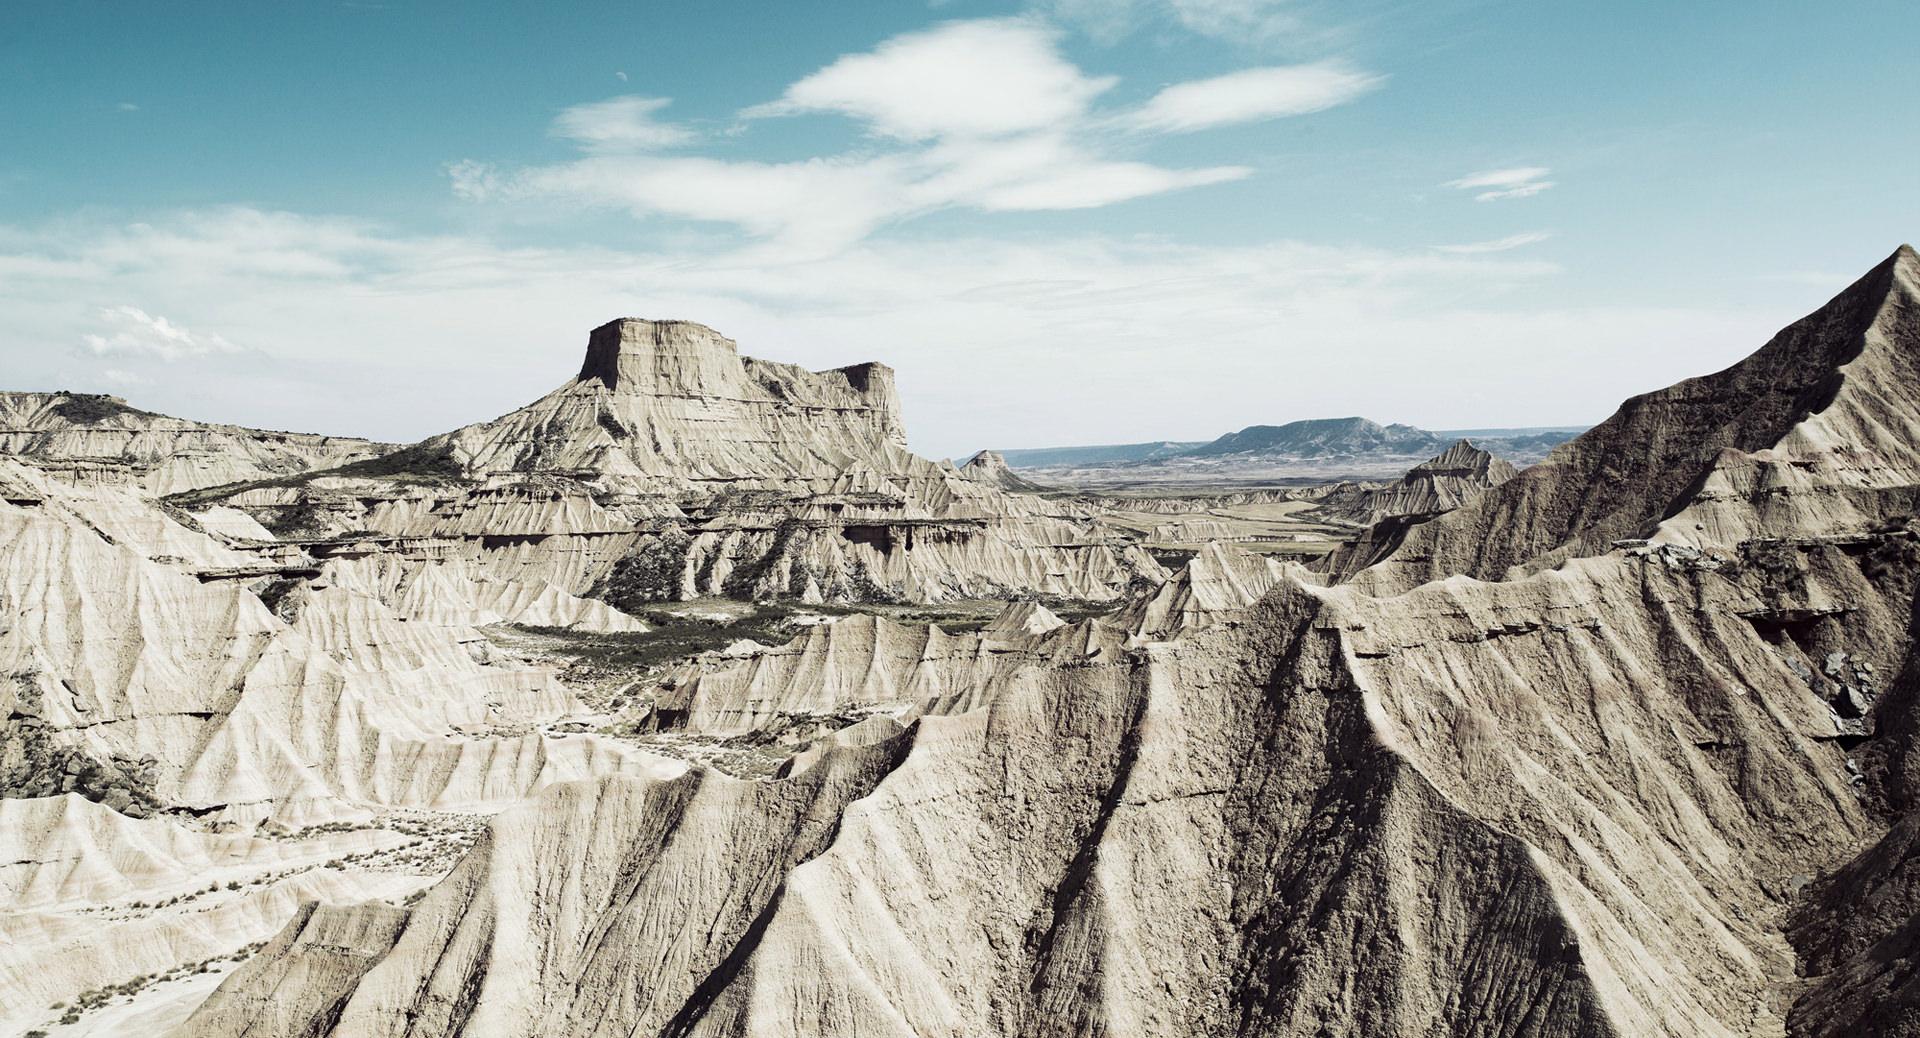 desert, mountains, landscape, personal work, www.ankeluckmann.com, anke luckmann,